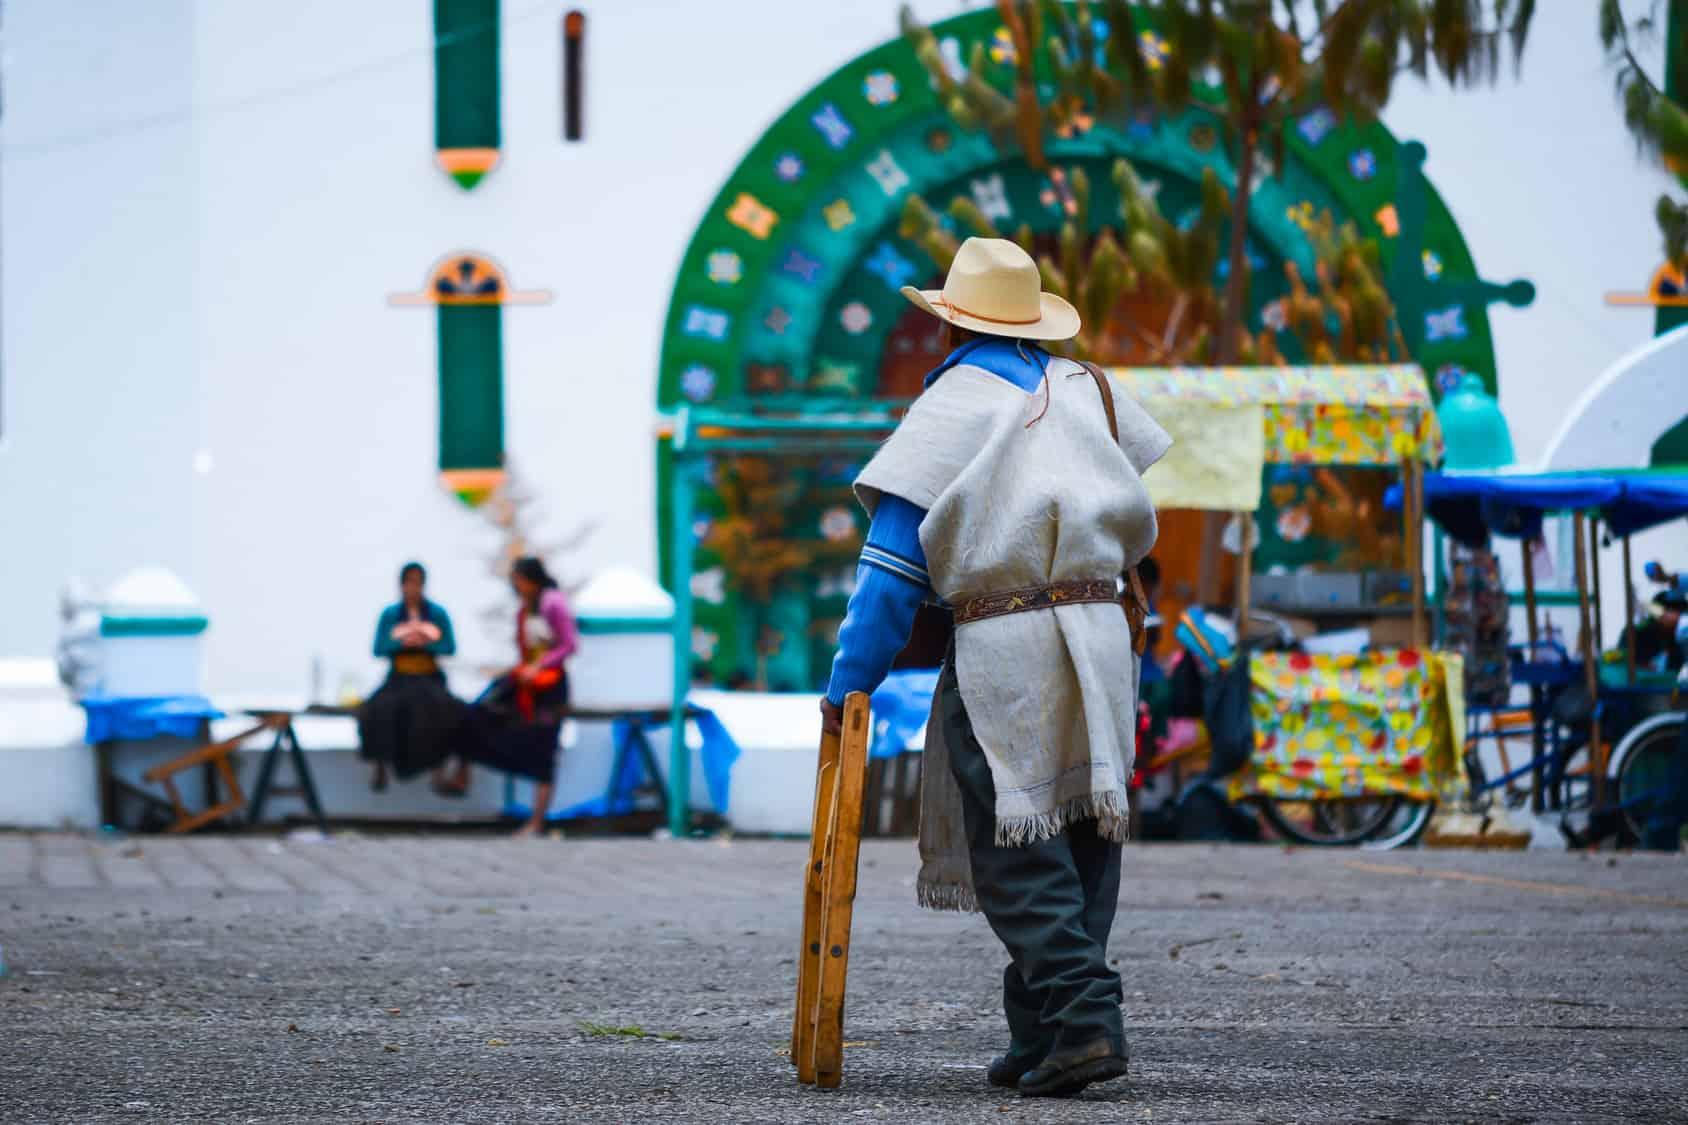 IFT informó que el 77 por ciento de la población indígena mexicana cuenta con cobertura móvil en al menos una tecnología de acceso.